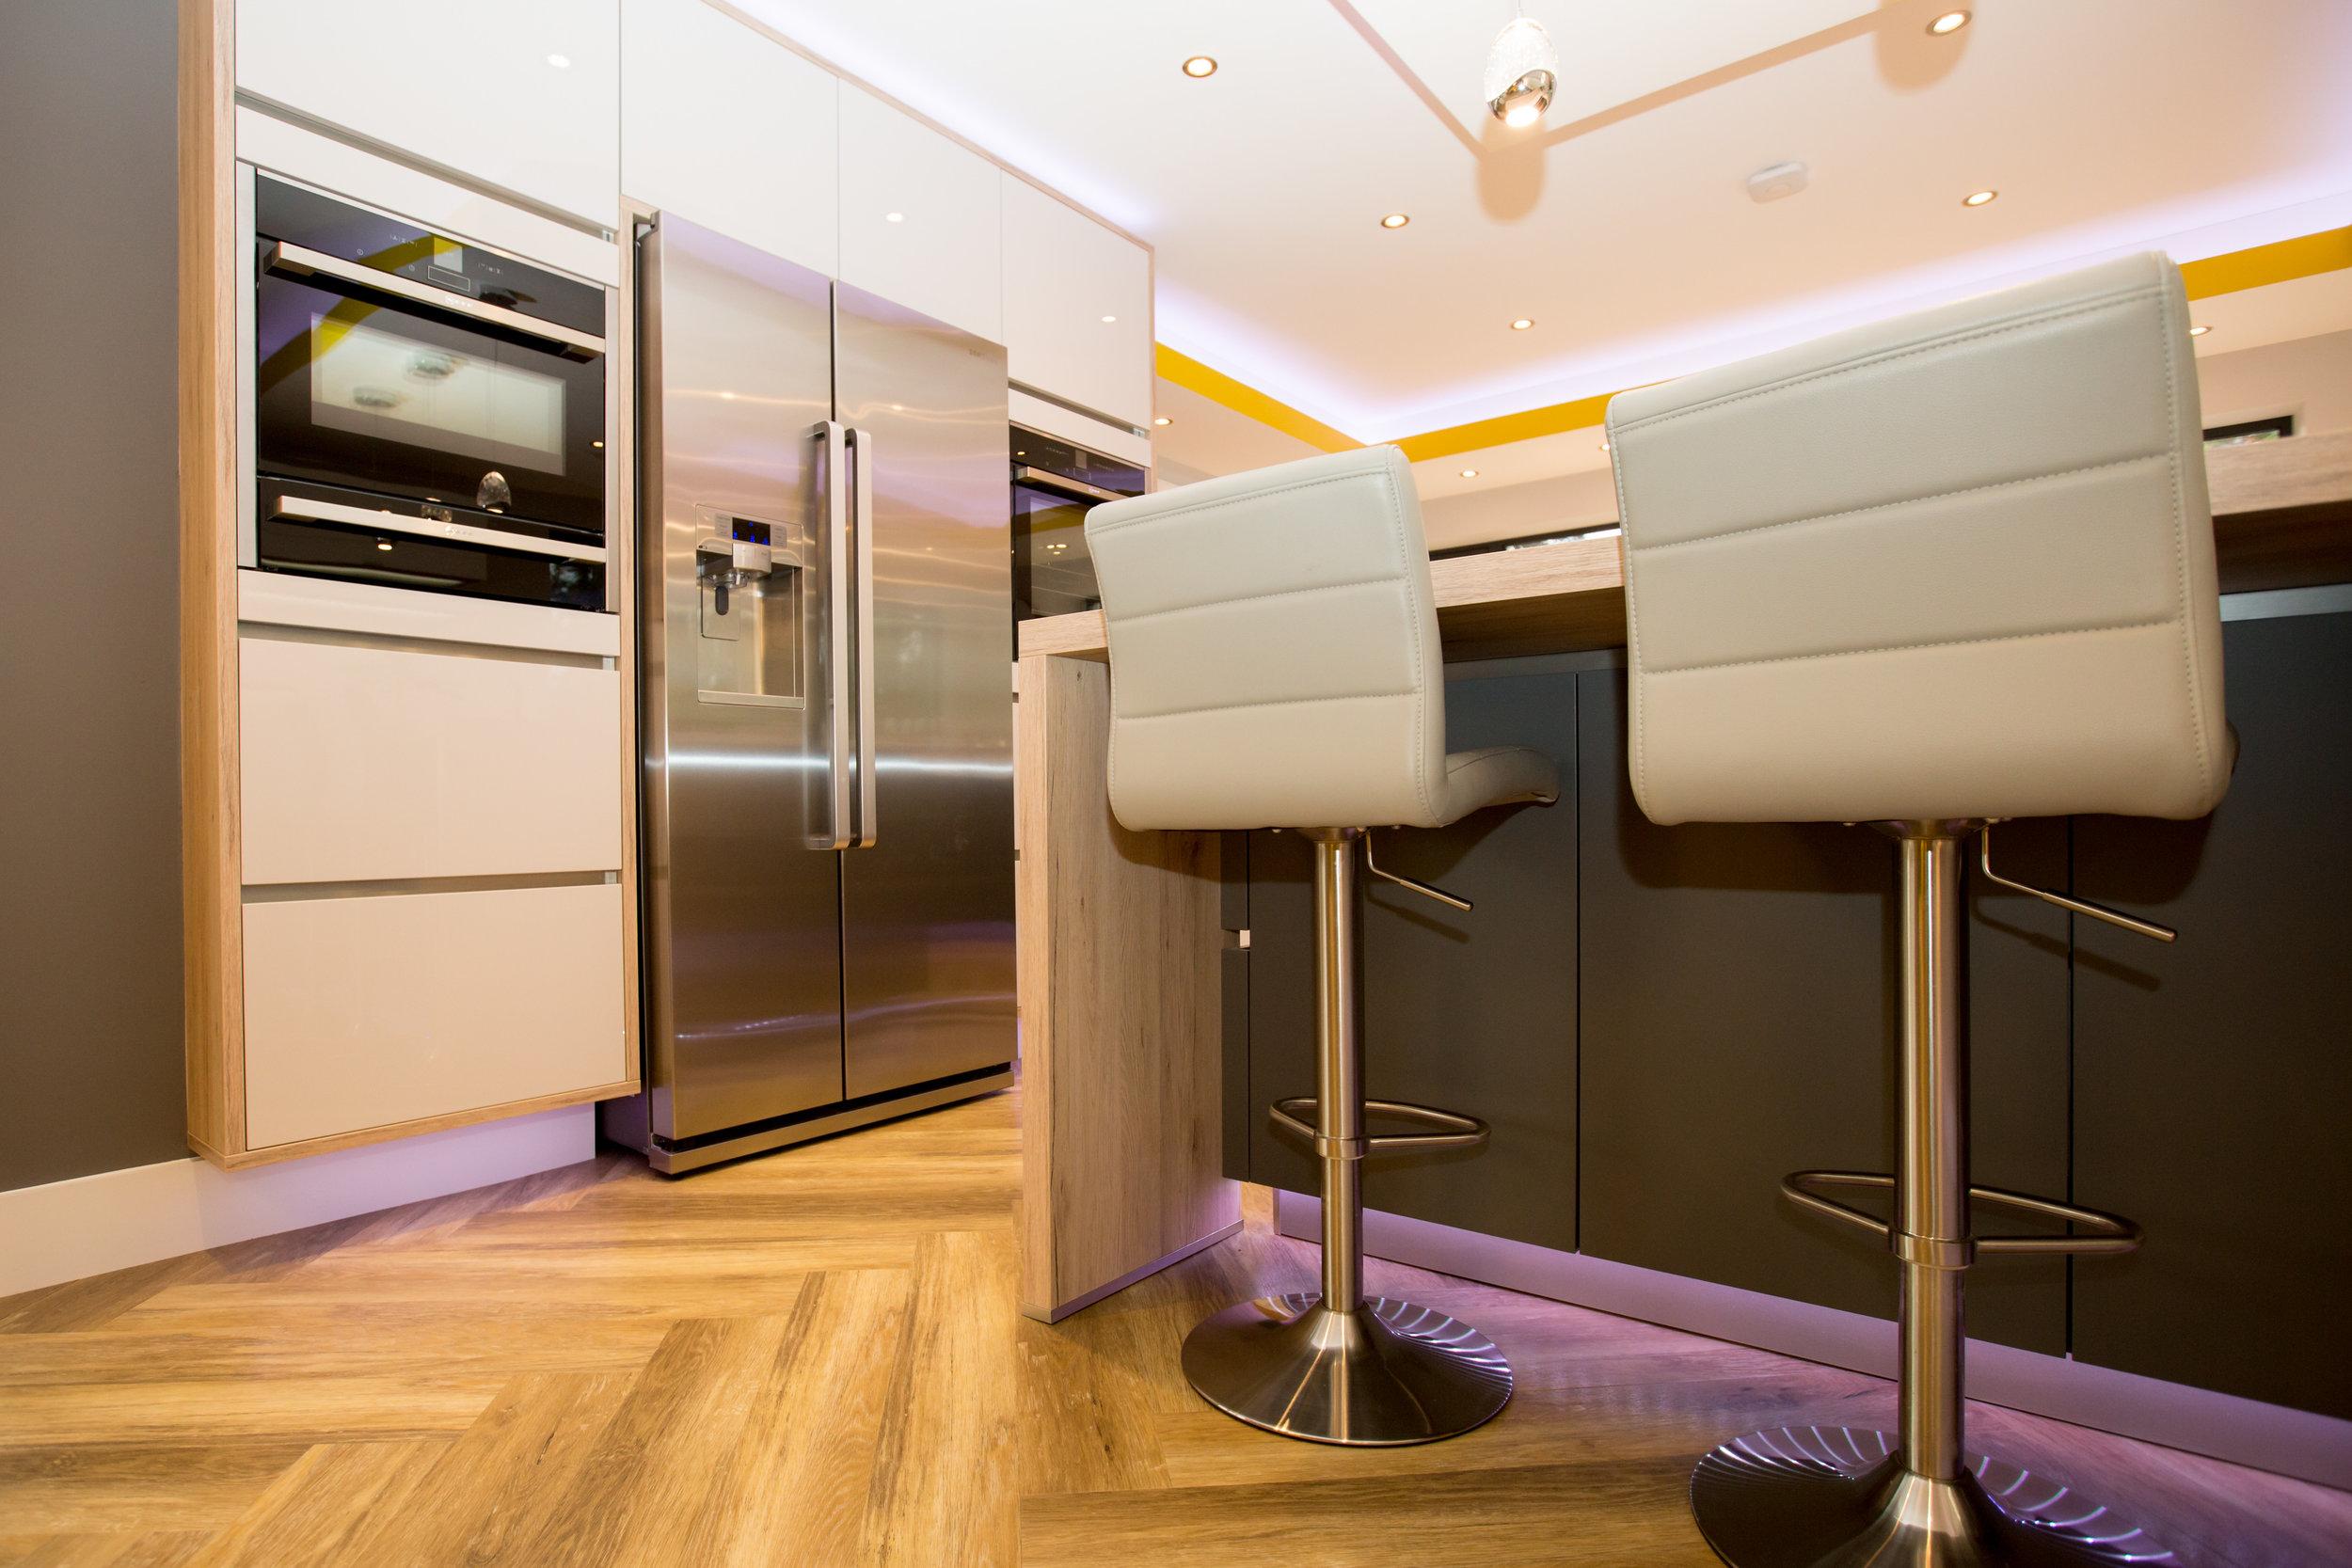 Mitchinson new kitchen photo 010.jpg